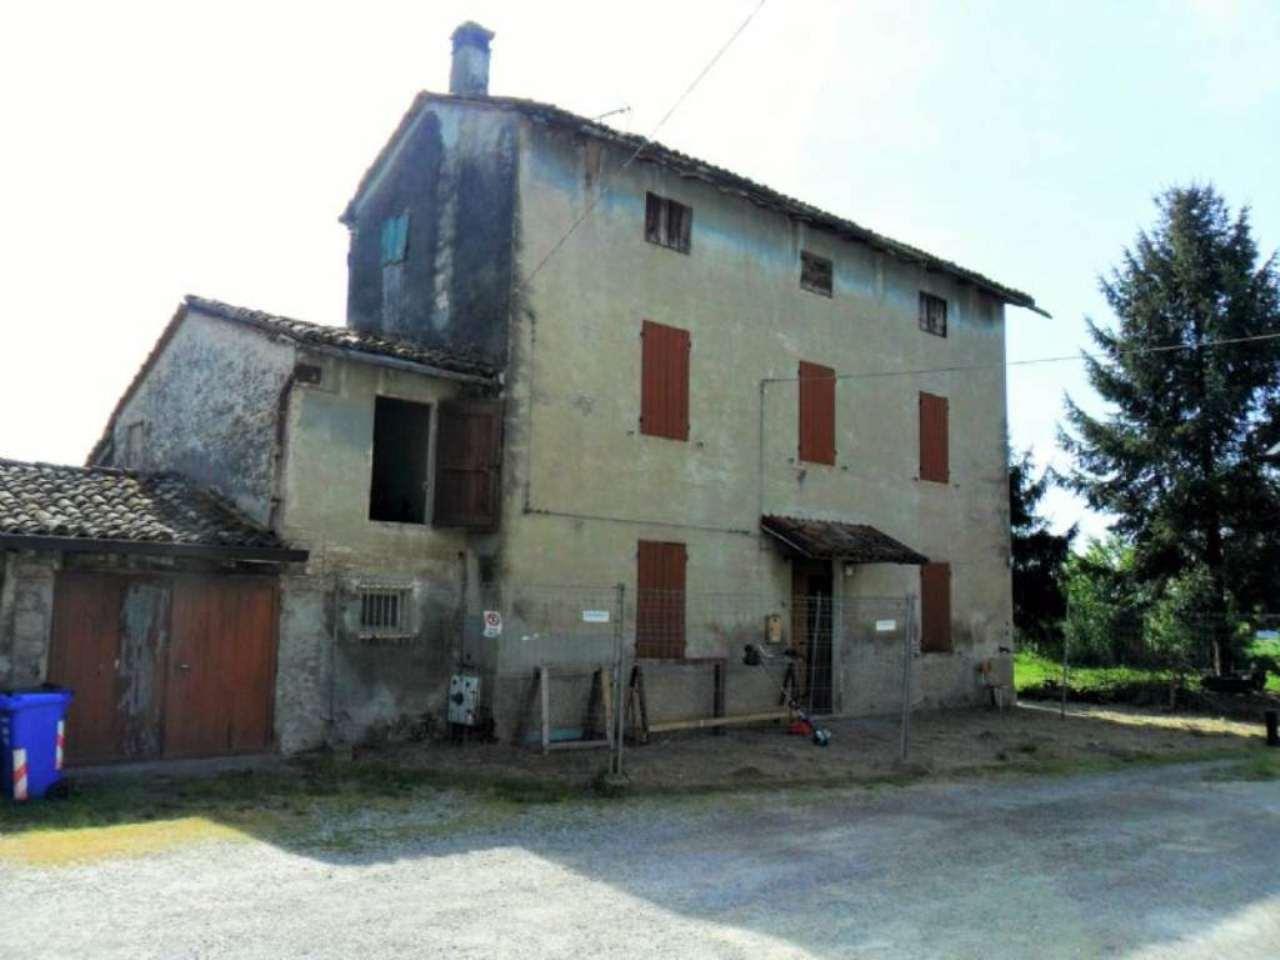 Rustico / Casale in vendita a Noceto, 5 locali, prezzo € 125.000 | Cambio Casa.it